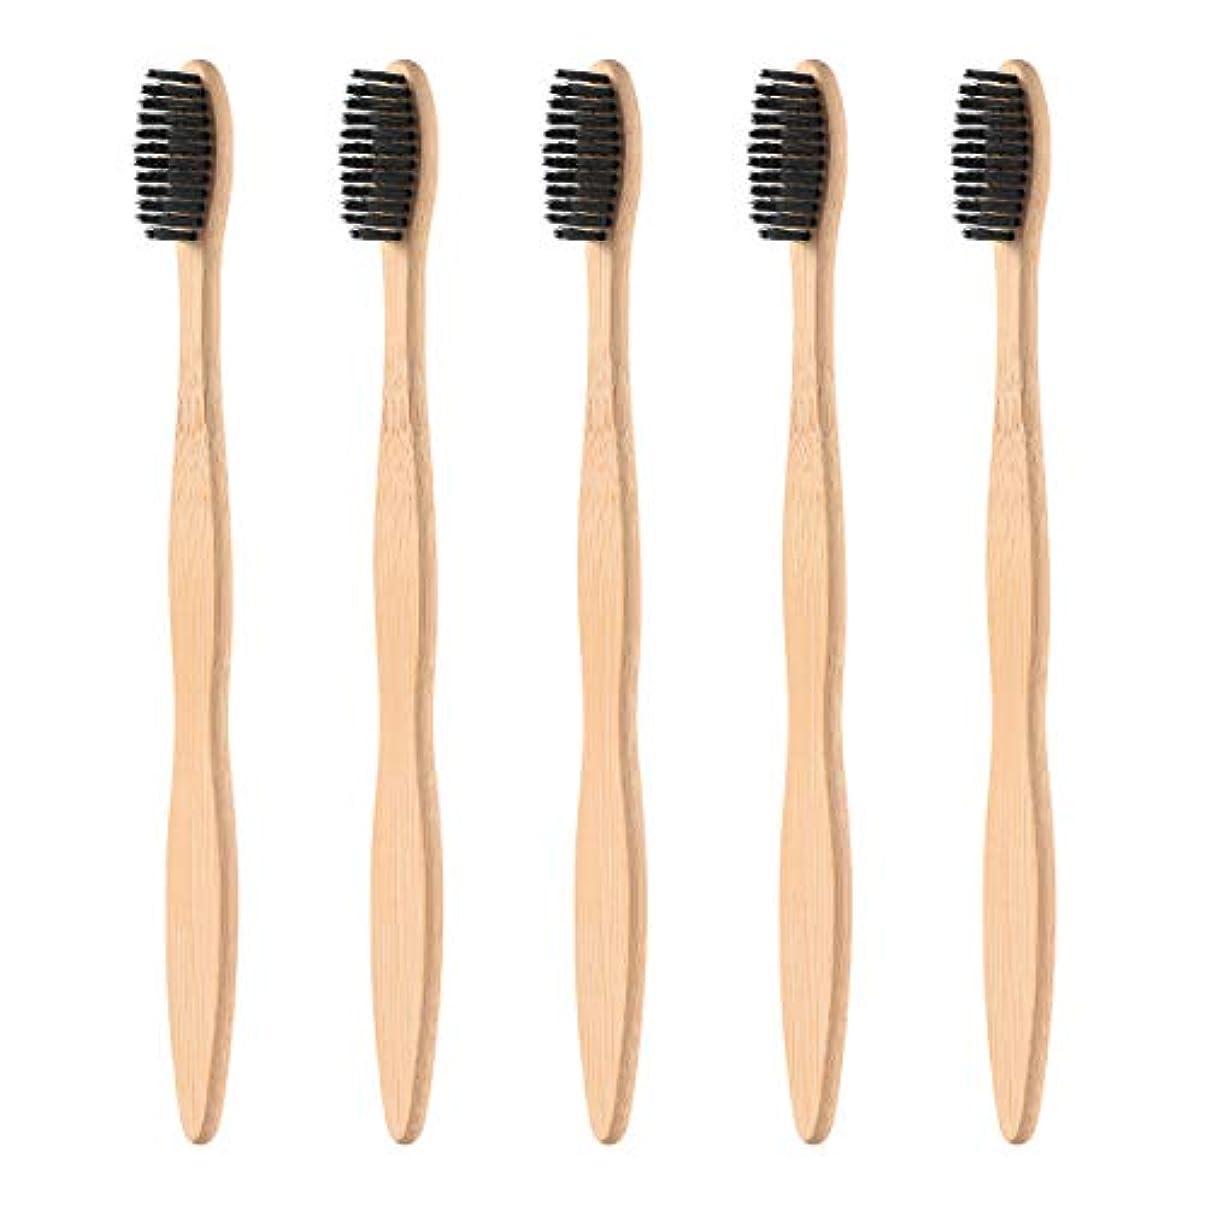 受け入れ間違いいつSUPVOX 5本の天然竹製の歯ブラシ木製エコフレンドリーな歯ブラシで黒く柔らかい剛毛